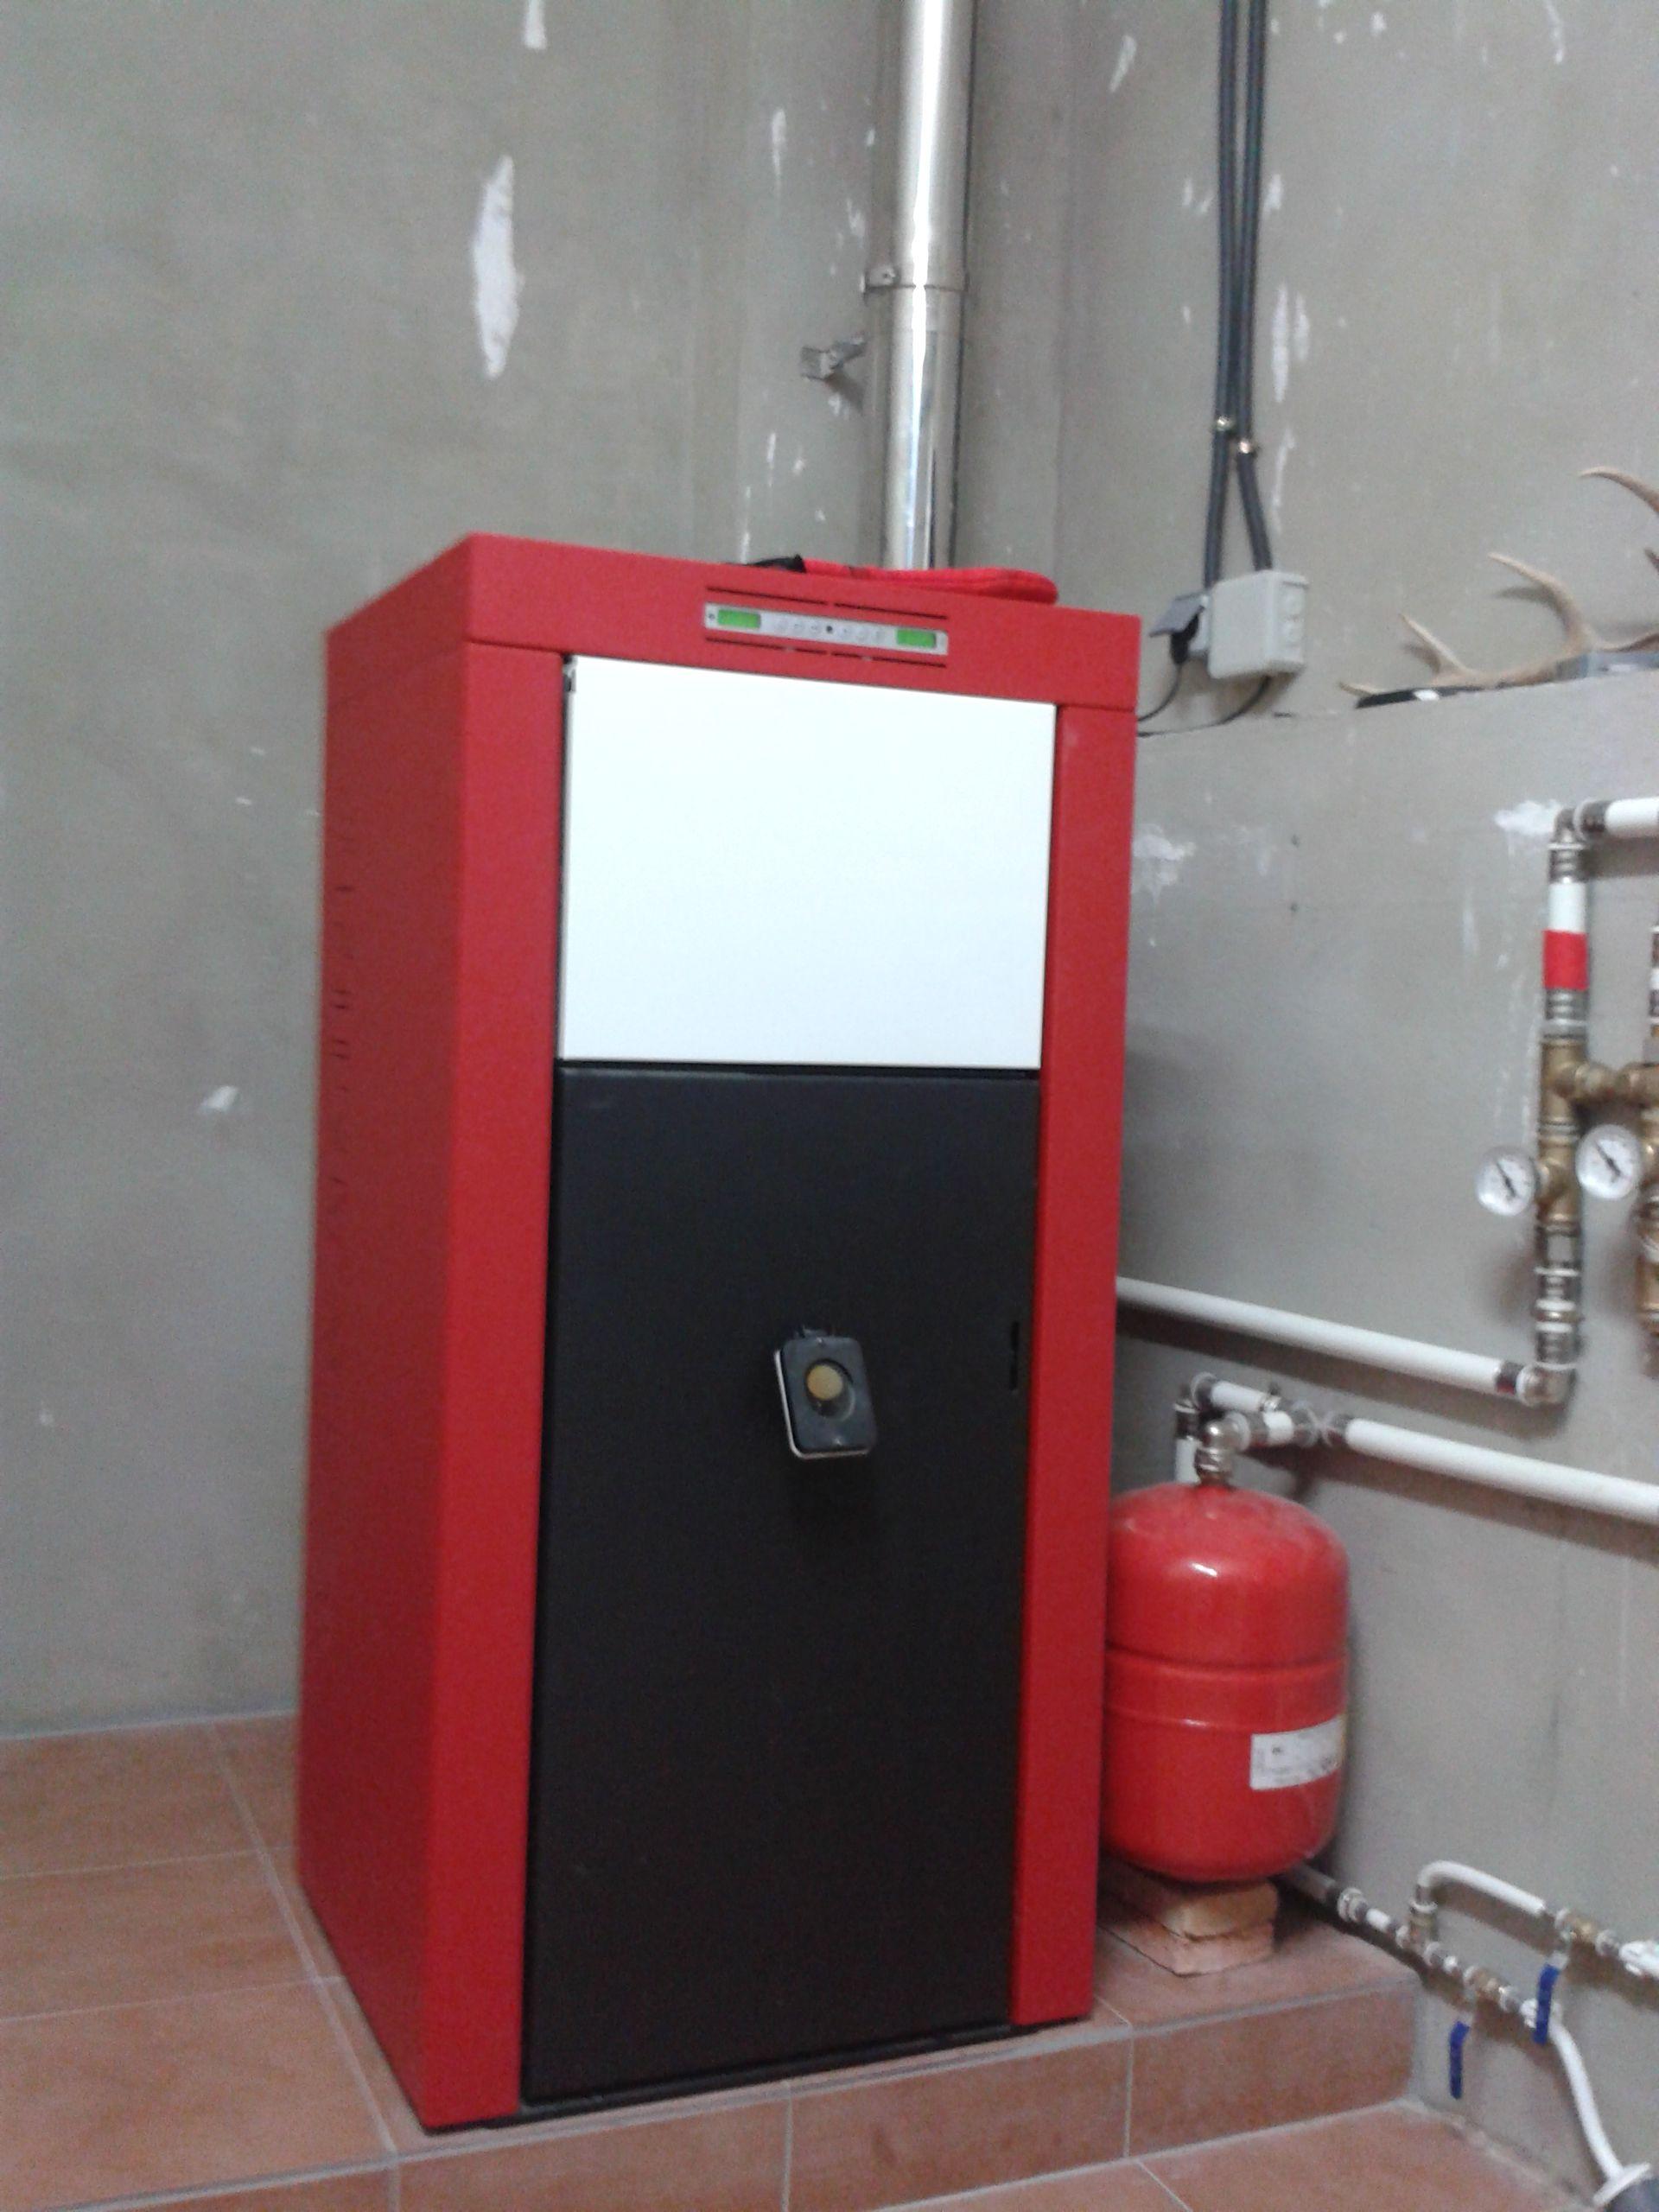 Calefaccion por caldera de pellet edilkamin basic para calefaccin por radiadores y produccin de - Caldera pellets agua y calefaccion ...